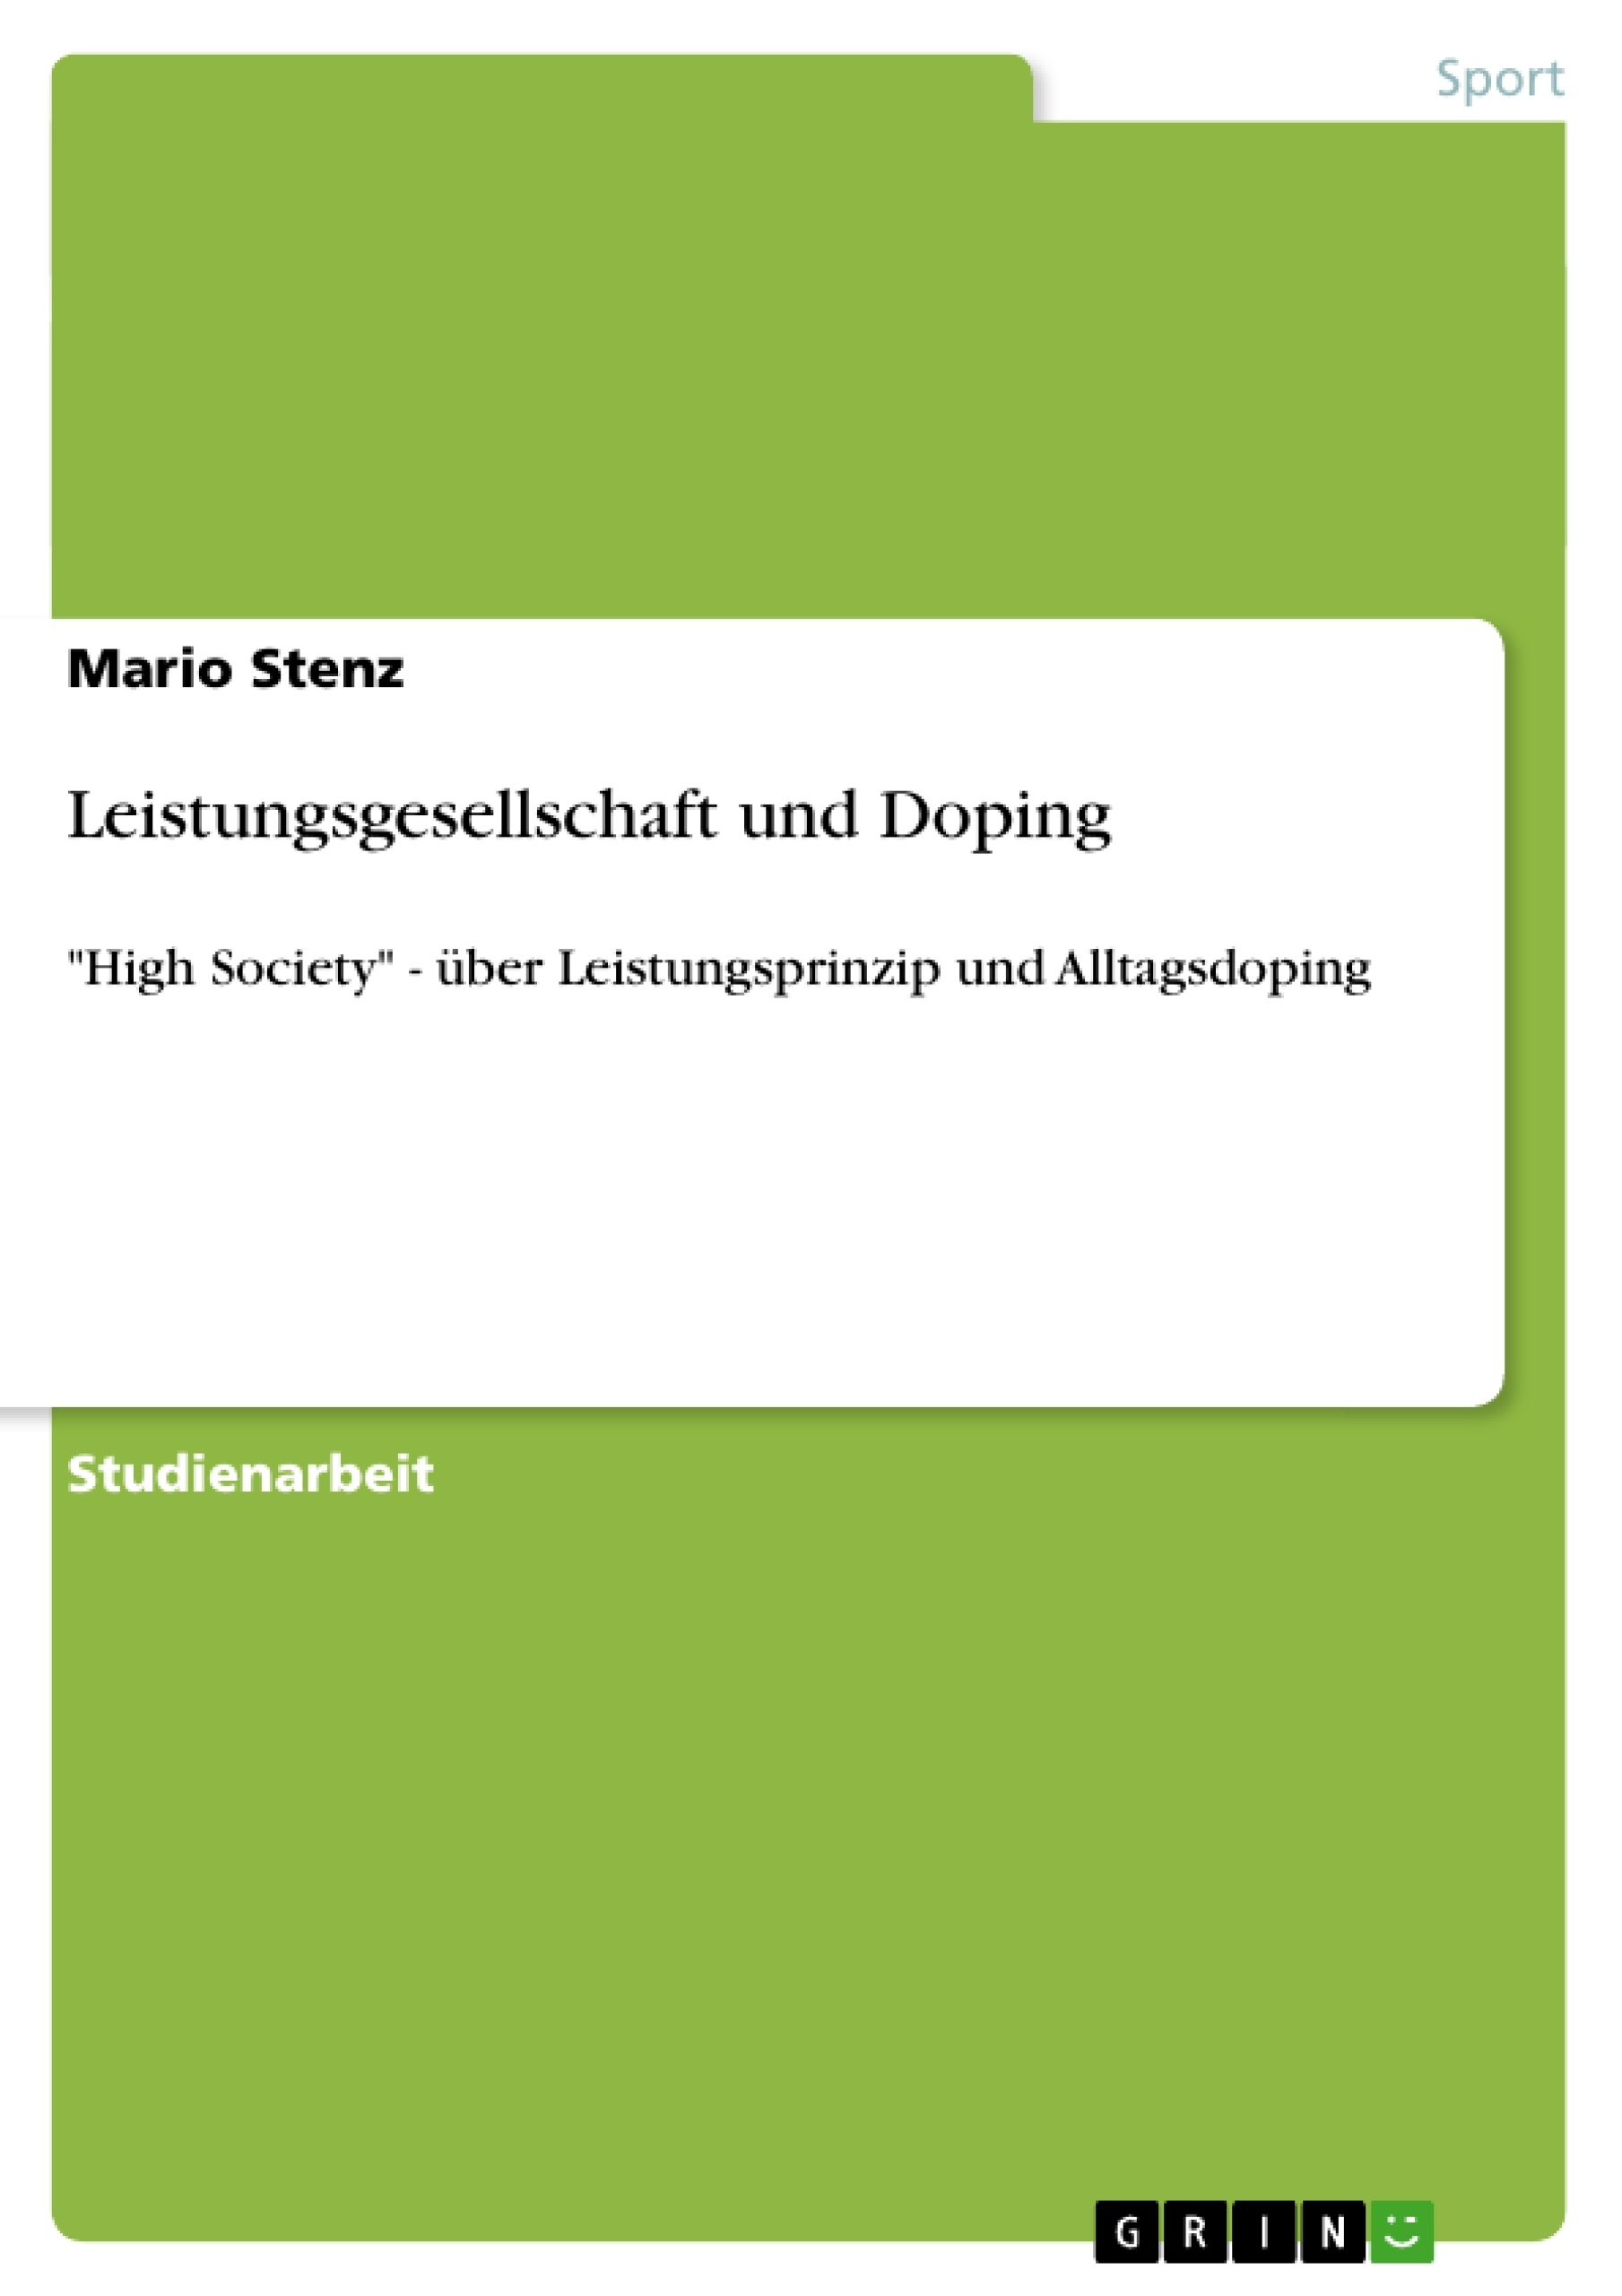 Titel: Leistungsgesellschaft und Doping